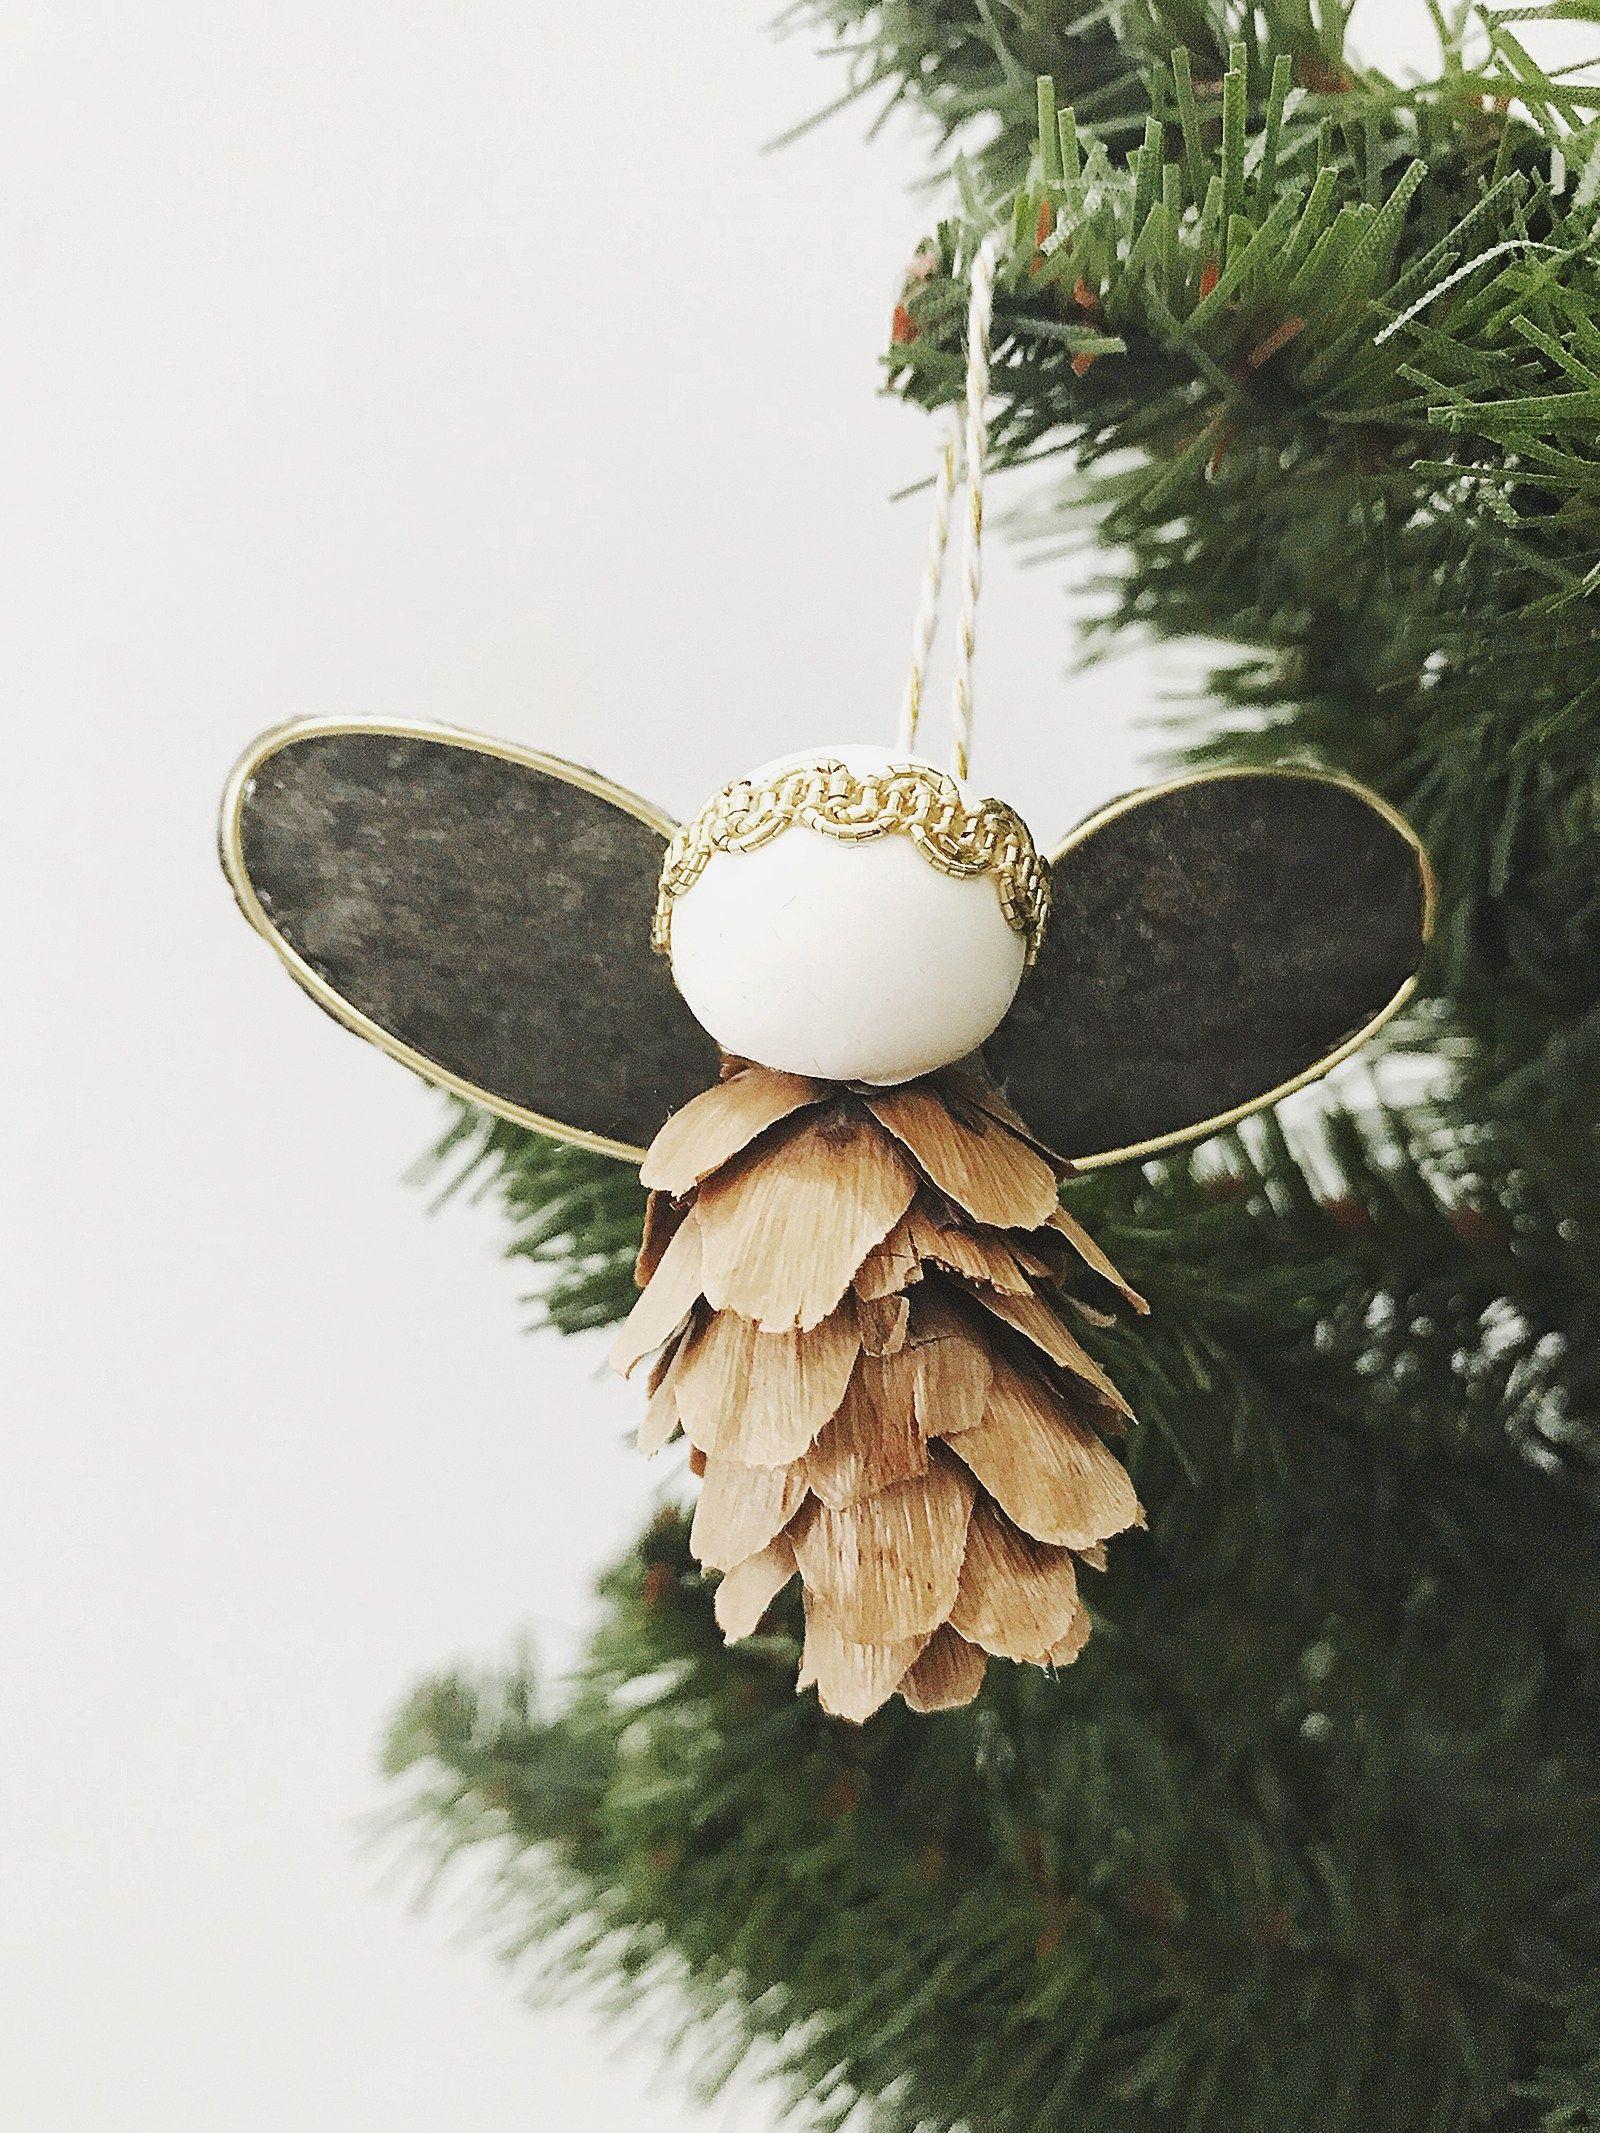 15 DIY Angel Ornaments  Easy Angel Christmas Ornament Ideas